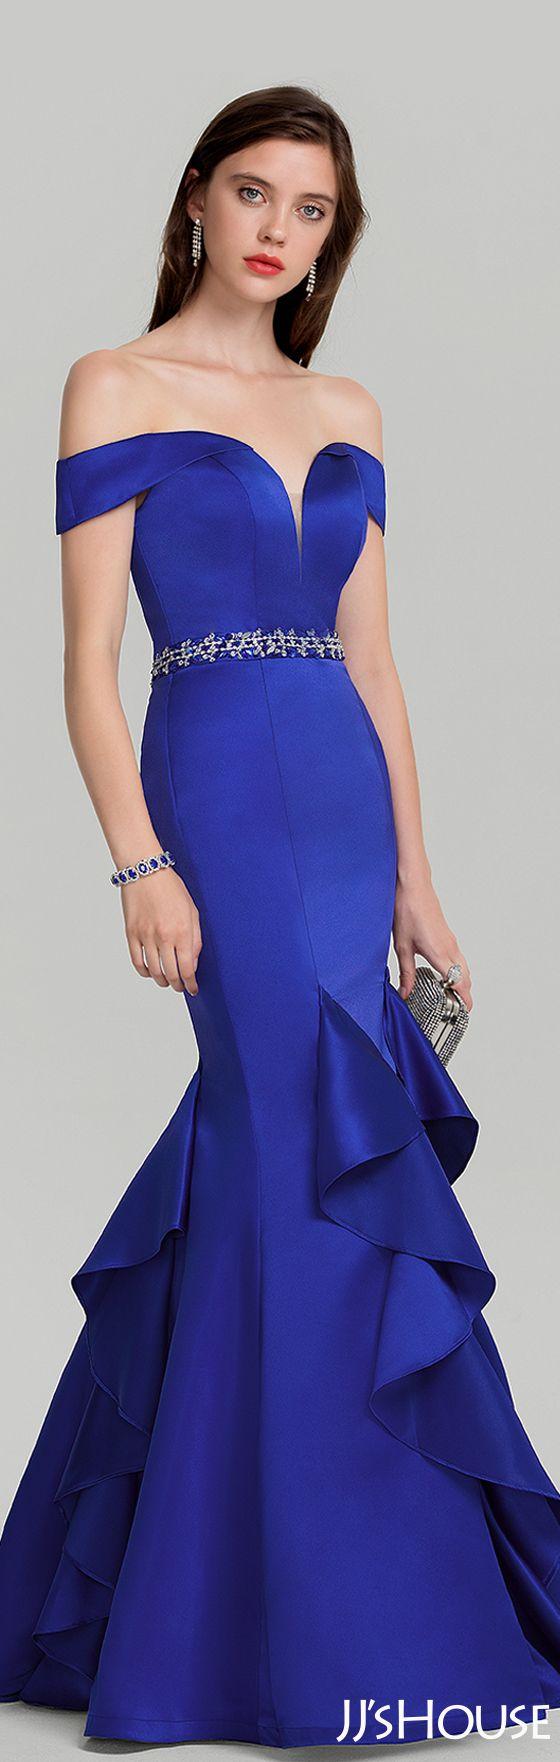 Mejores 71 imágenes de Vestido Azul en Pinterest | Vestidos bonitos ...